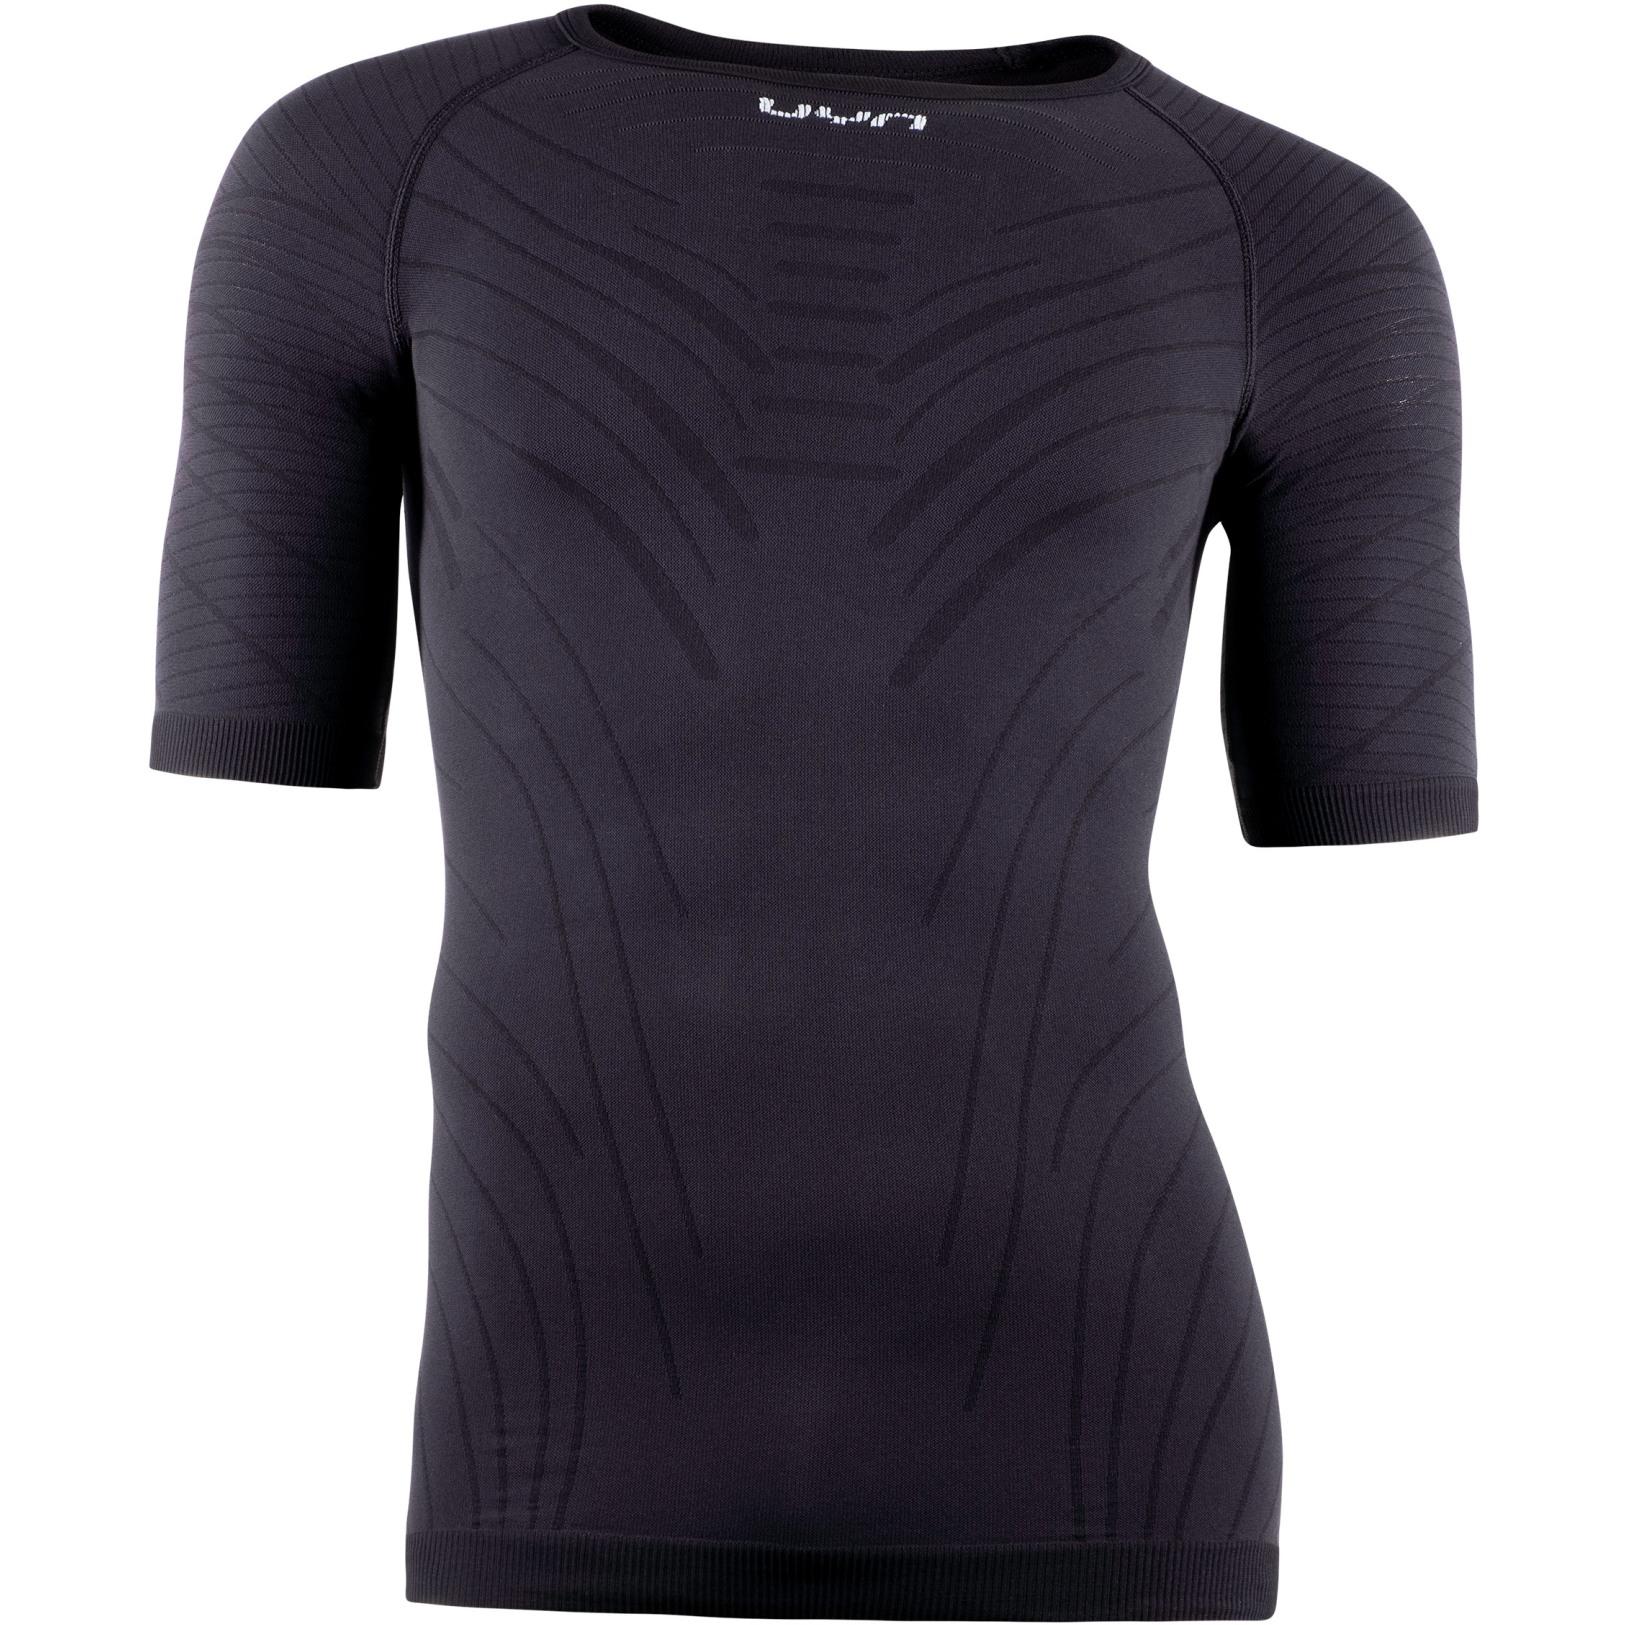 UYN Motyon 2.0 Underwear T-Shirt - Blackboard